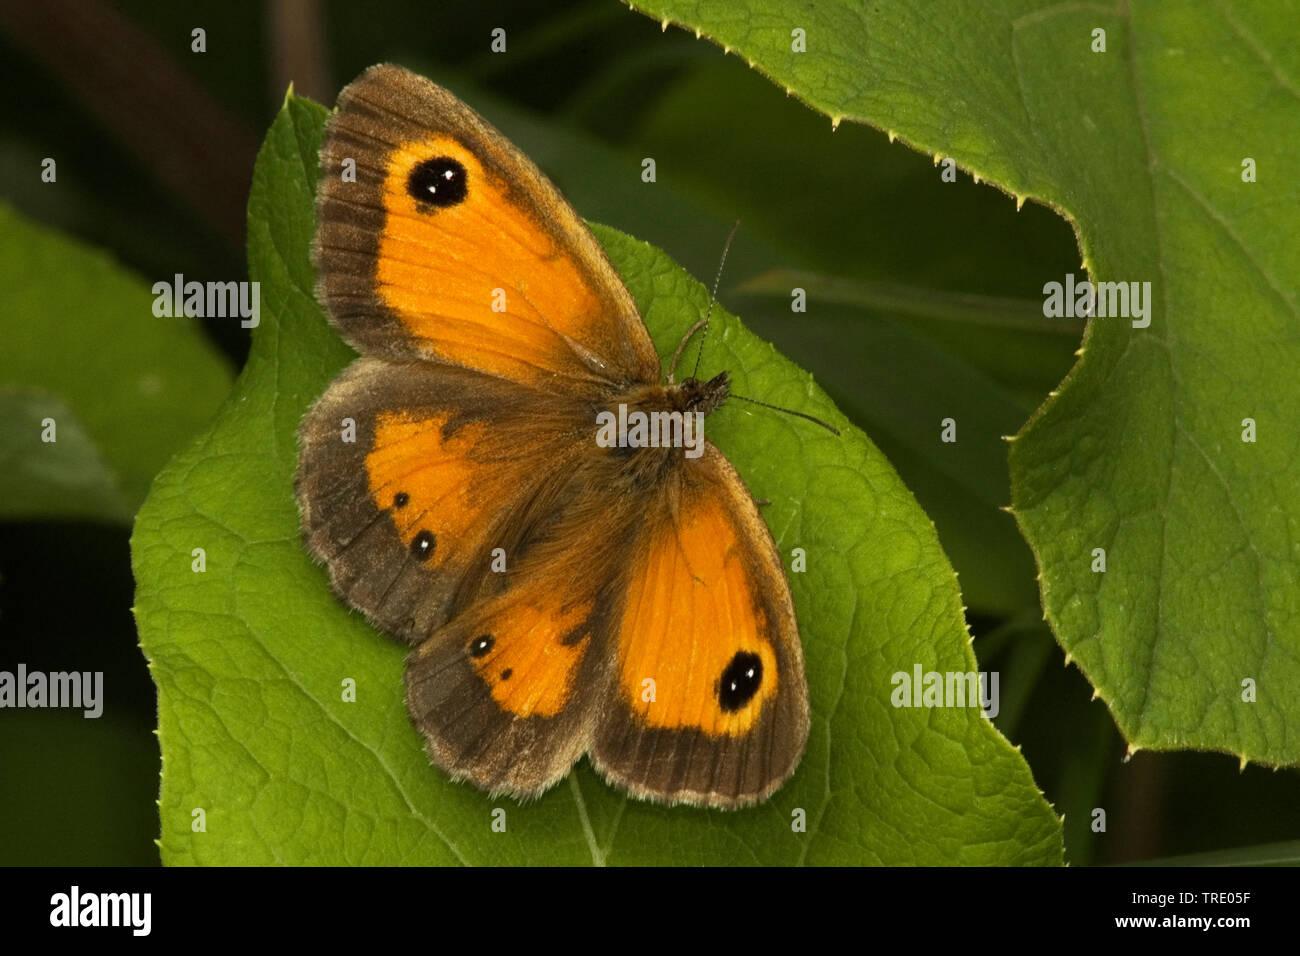 Braungeraendertes Ochsenauge, Rostbraunes Ochsenauge, Rotbraunes Ochsenauge (Pyronia tithonus, Maniola tithonus), sitzt auf einem Blatt, Niederlande, - Stock Image